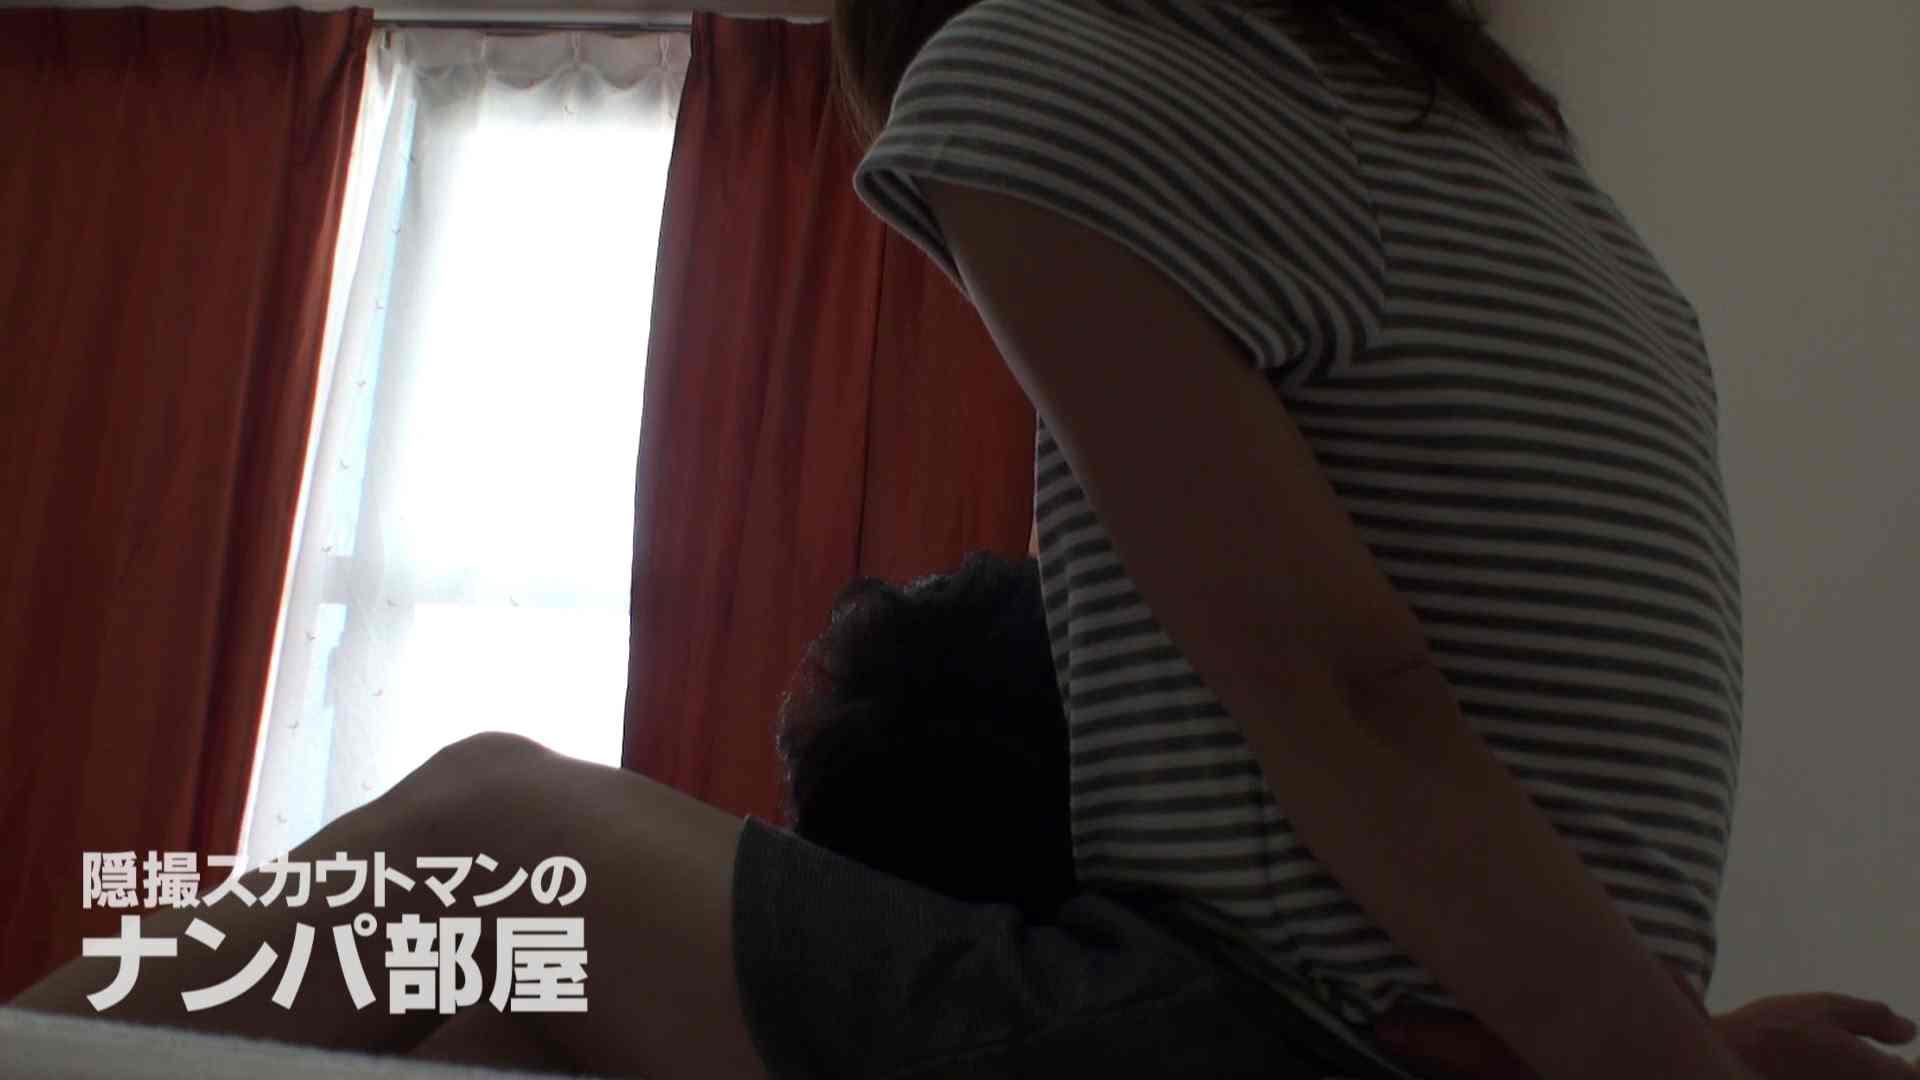 隠撮スカウトマンのナンパ部屋~風俗デビュー前のつまみ食い~ siivol.3 SEX SEX無修正画像 55連発 33